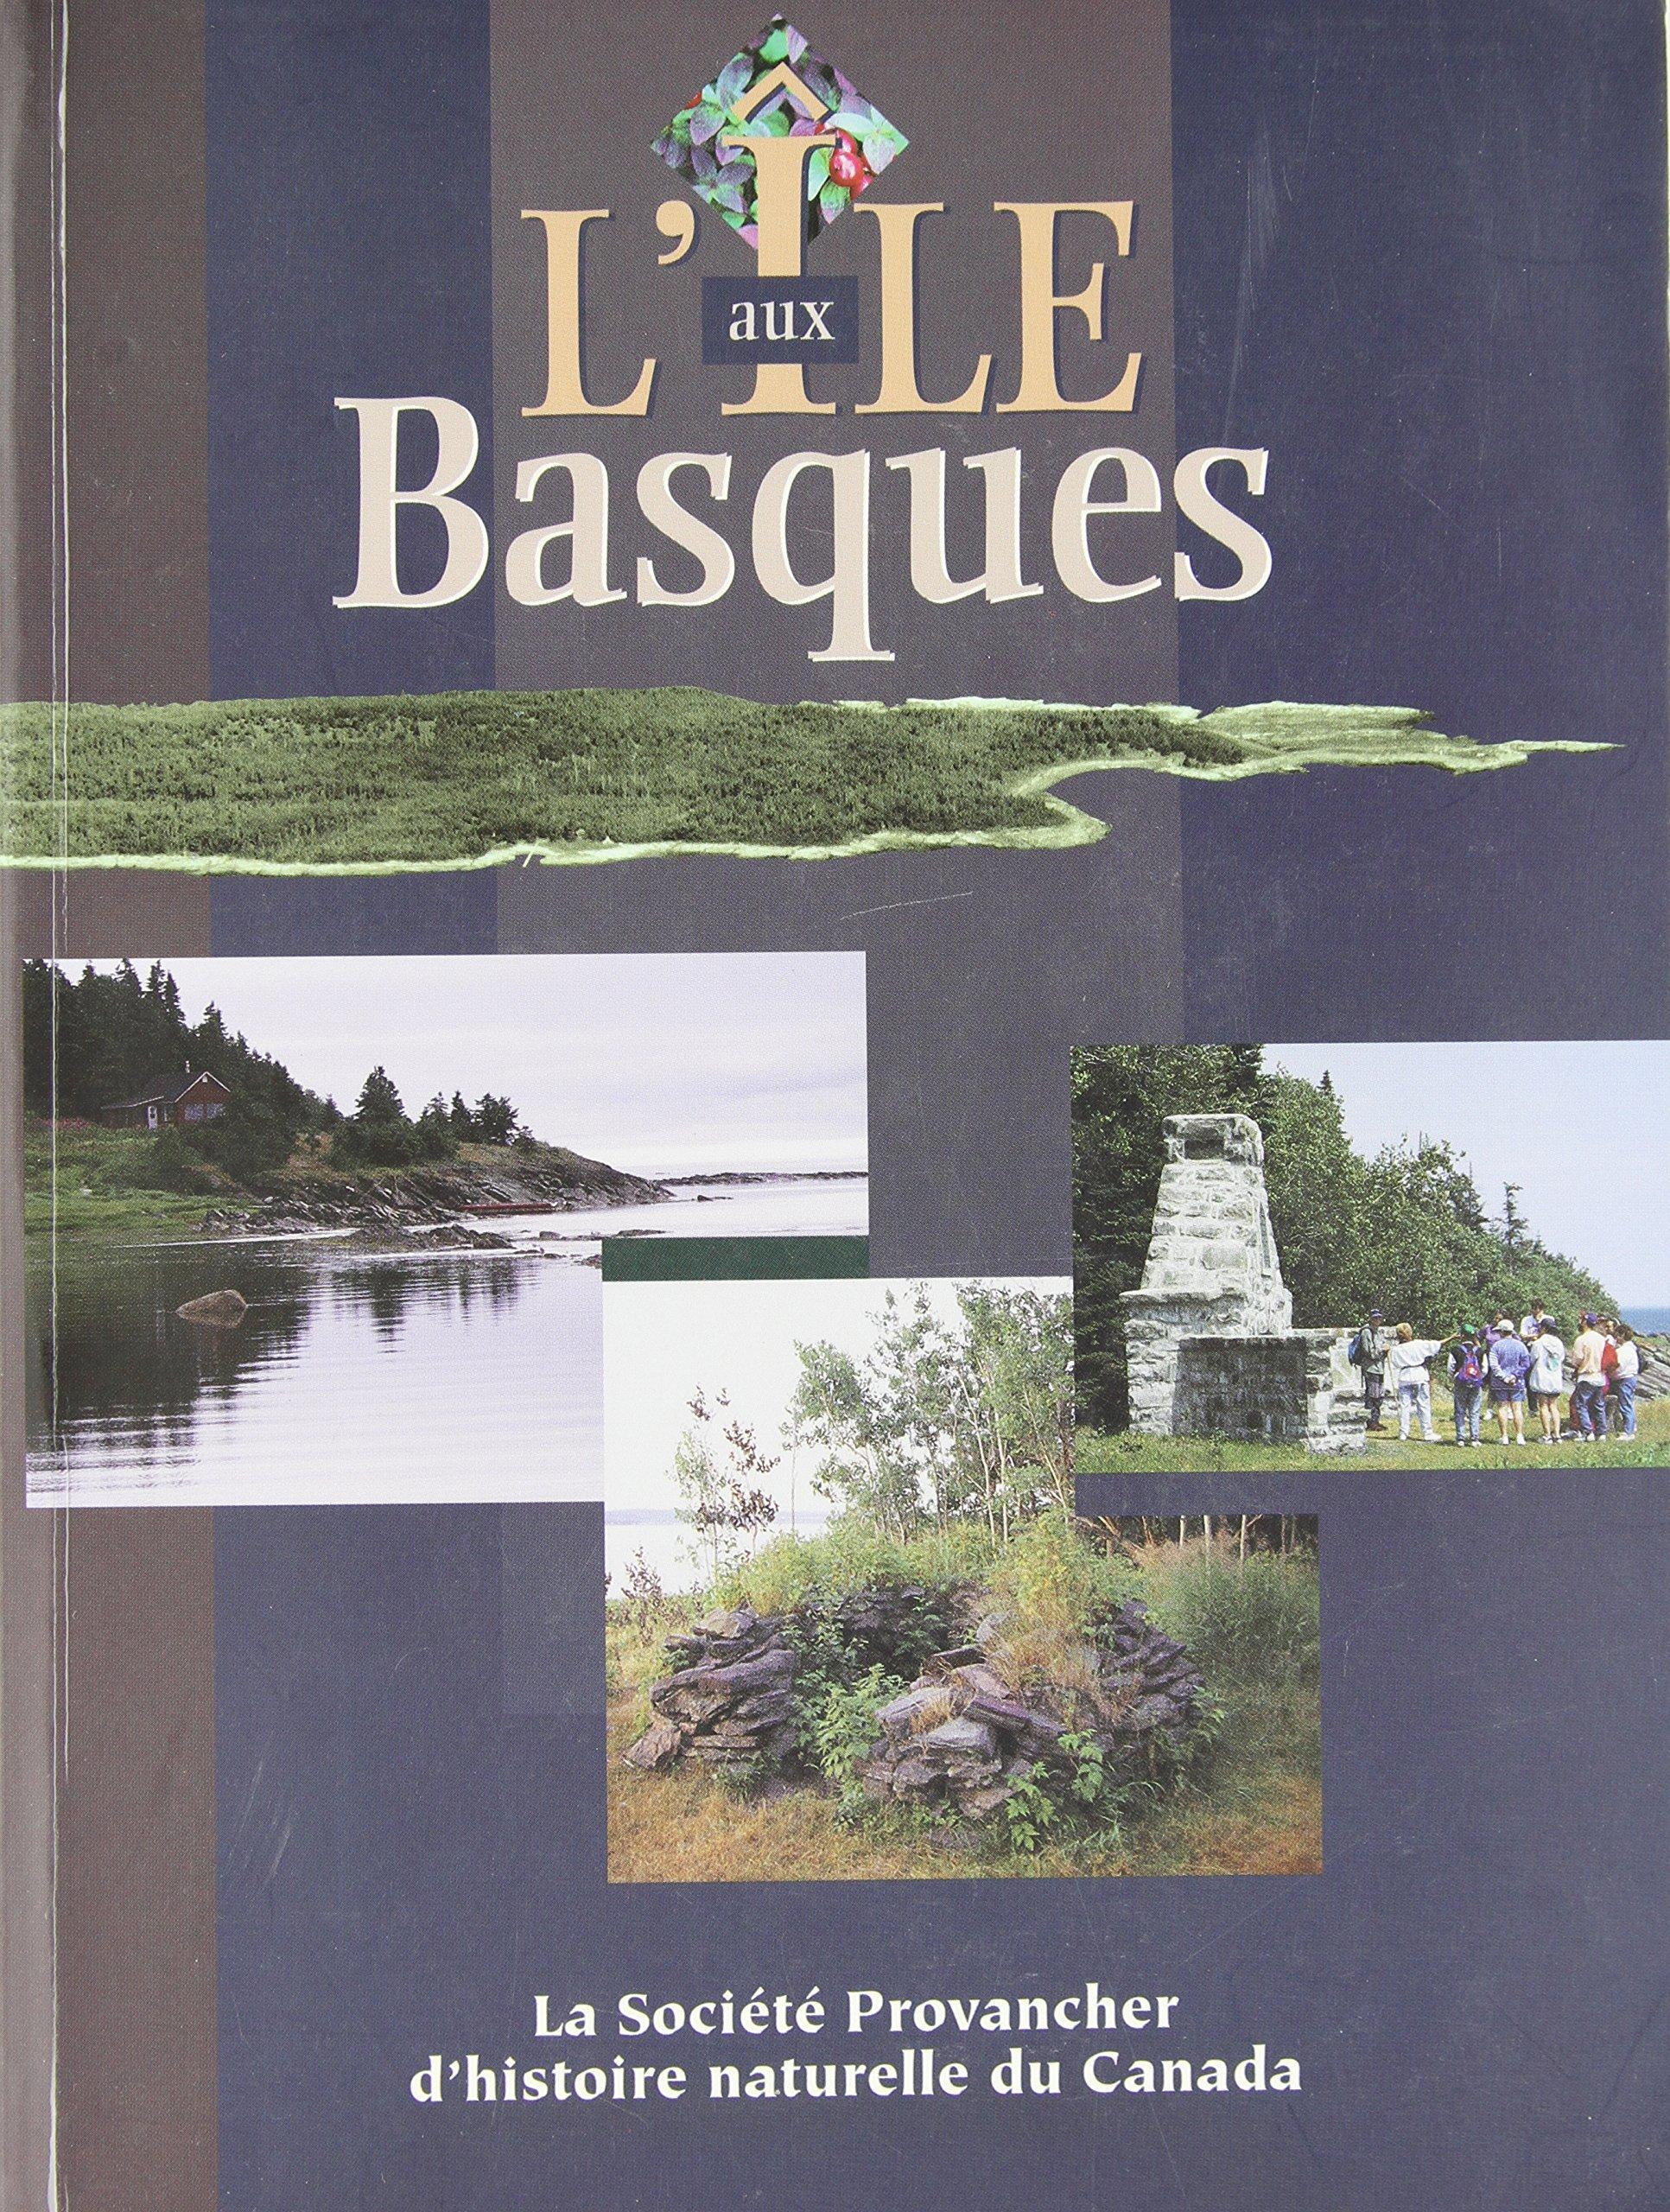 Livre de L'Île aux Basques de la Société Provencher d'histoire naturelle du Canada